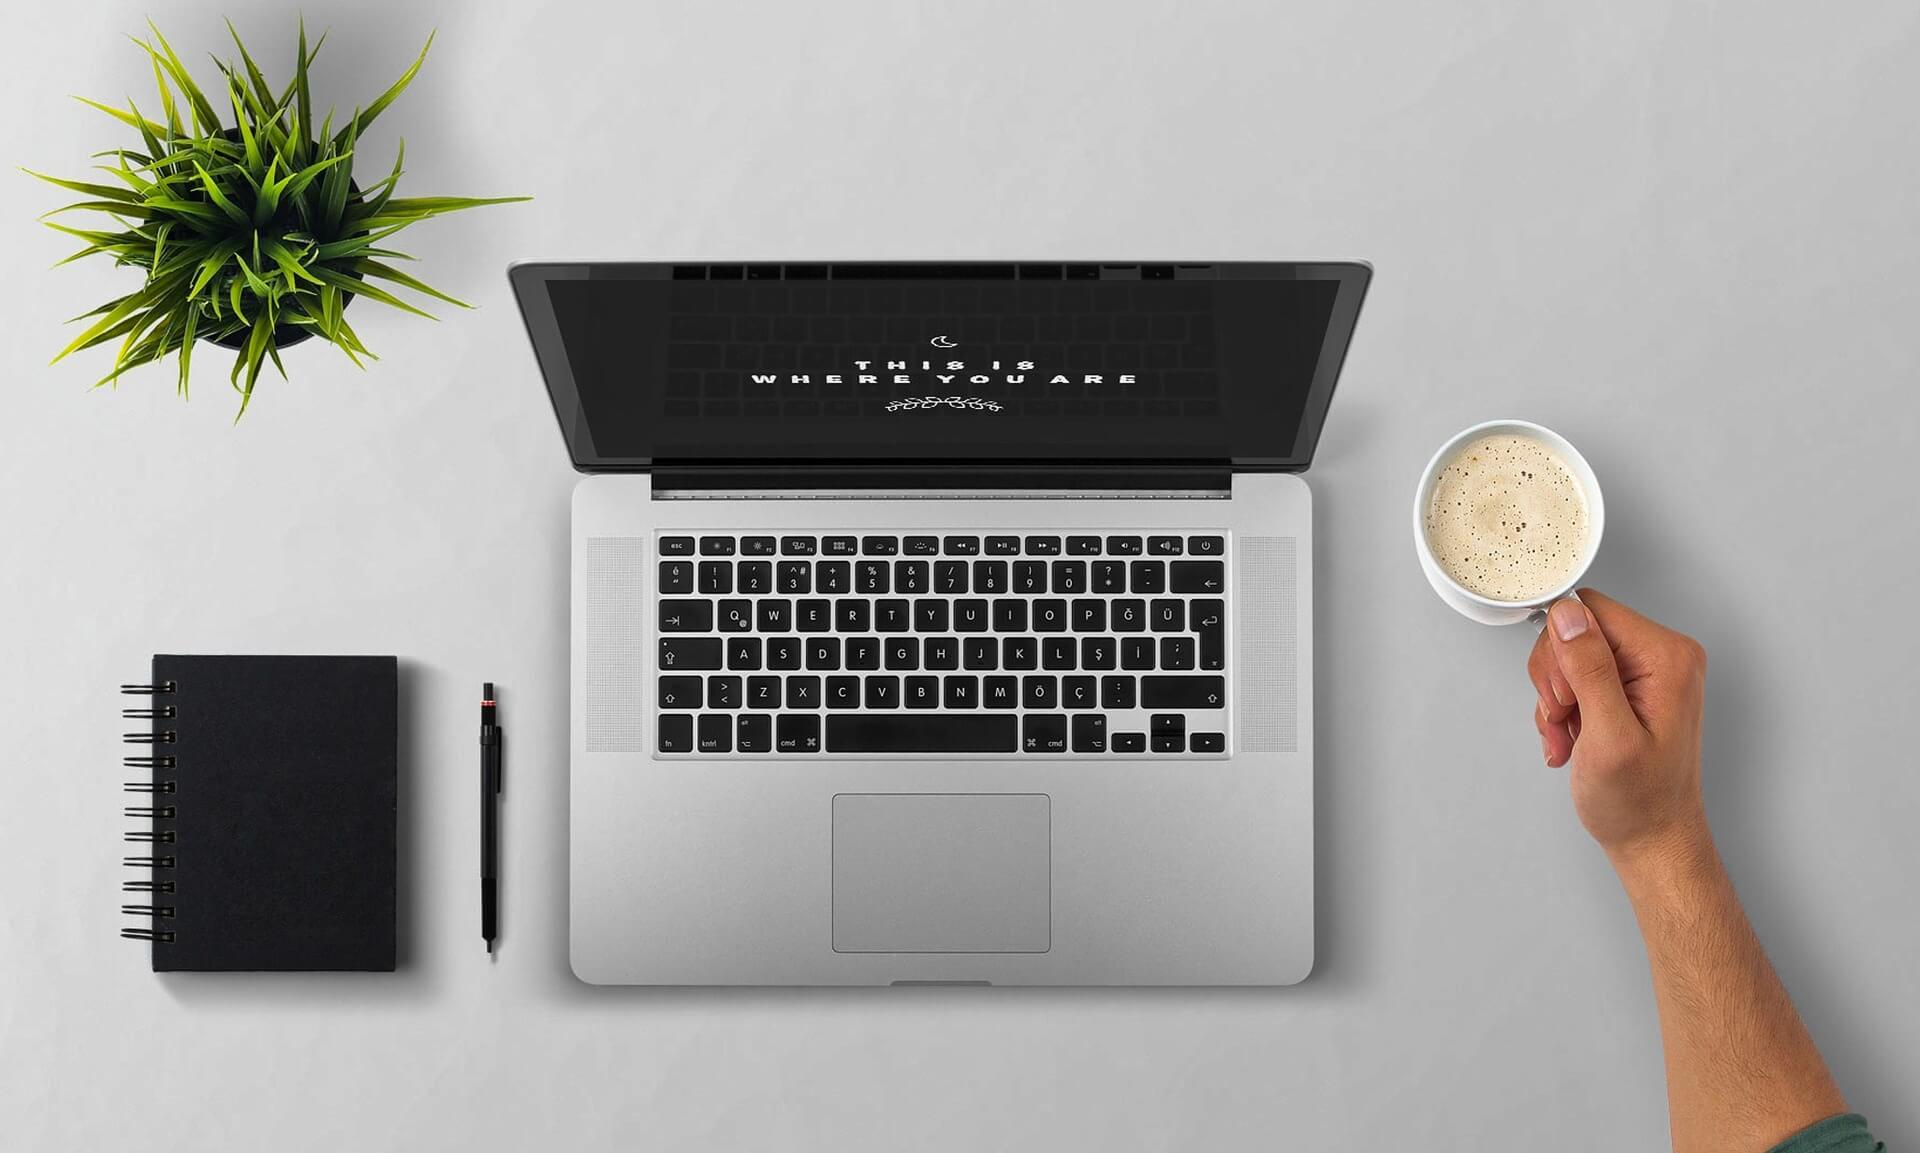 【無料の個別オンラインDEMO申込み】勤怠管理システムIEYASUのサービス全体像や実装機能を操作画面と共にご案内